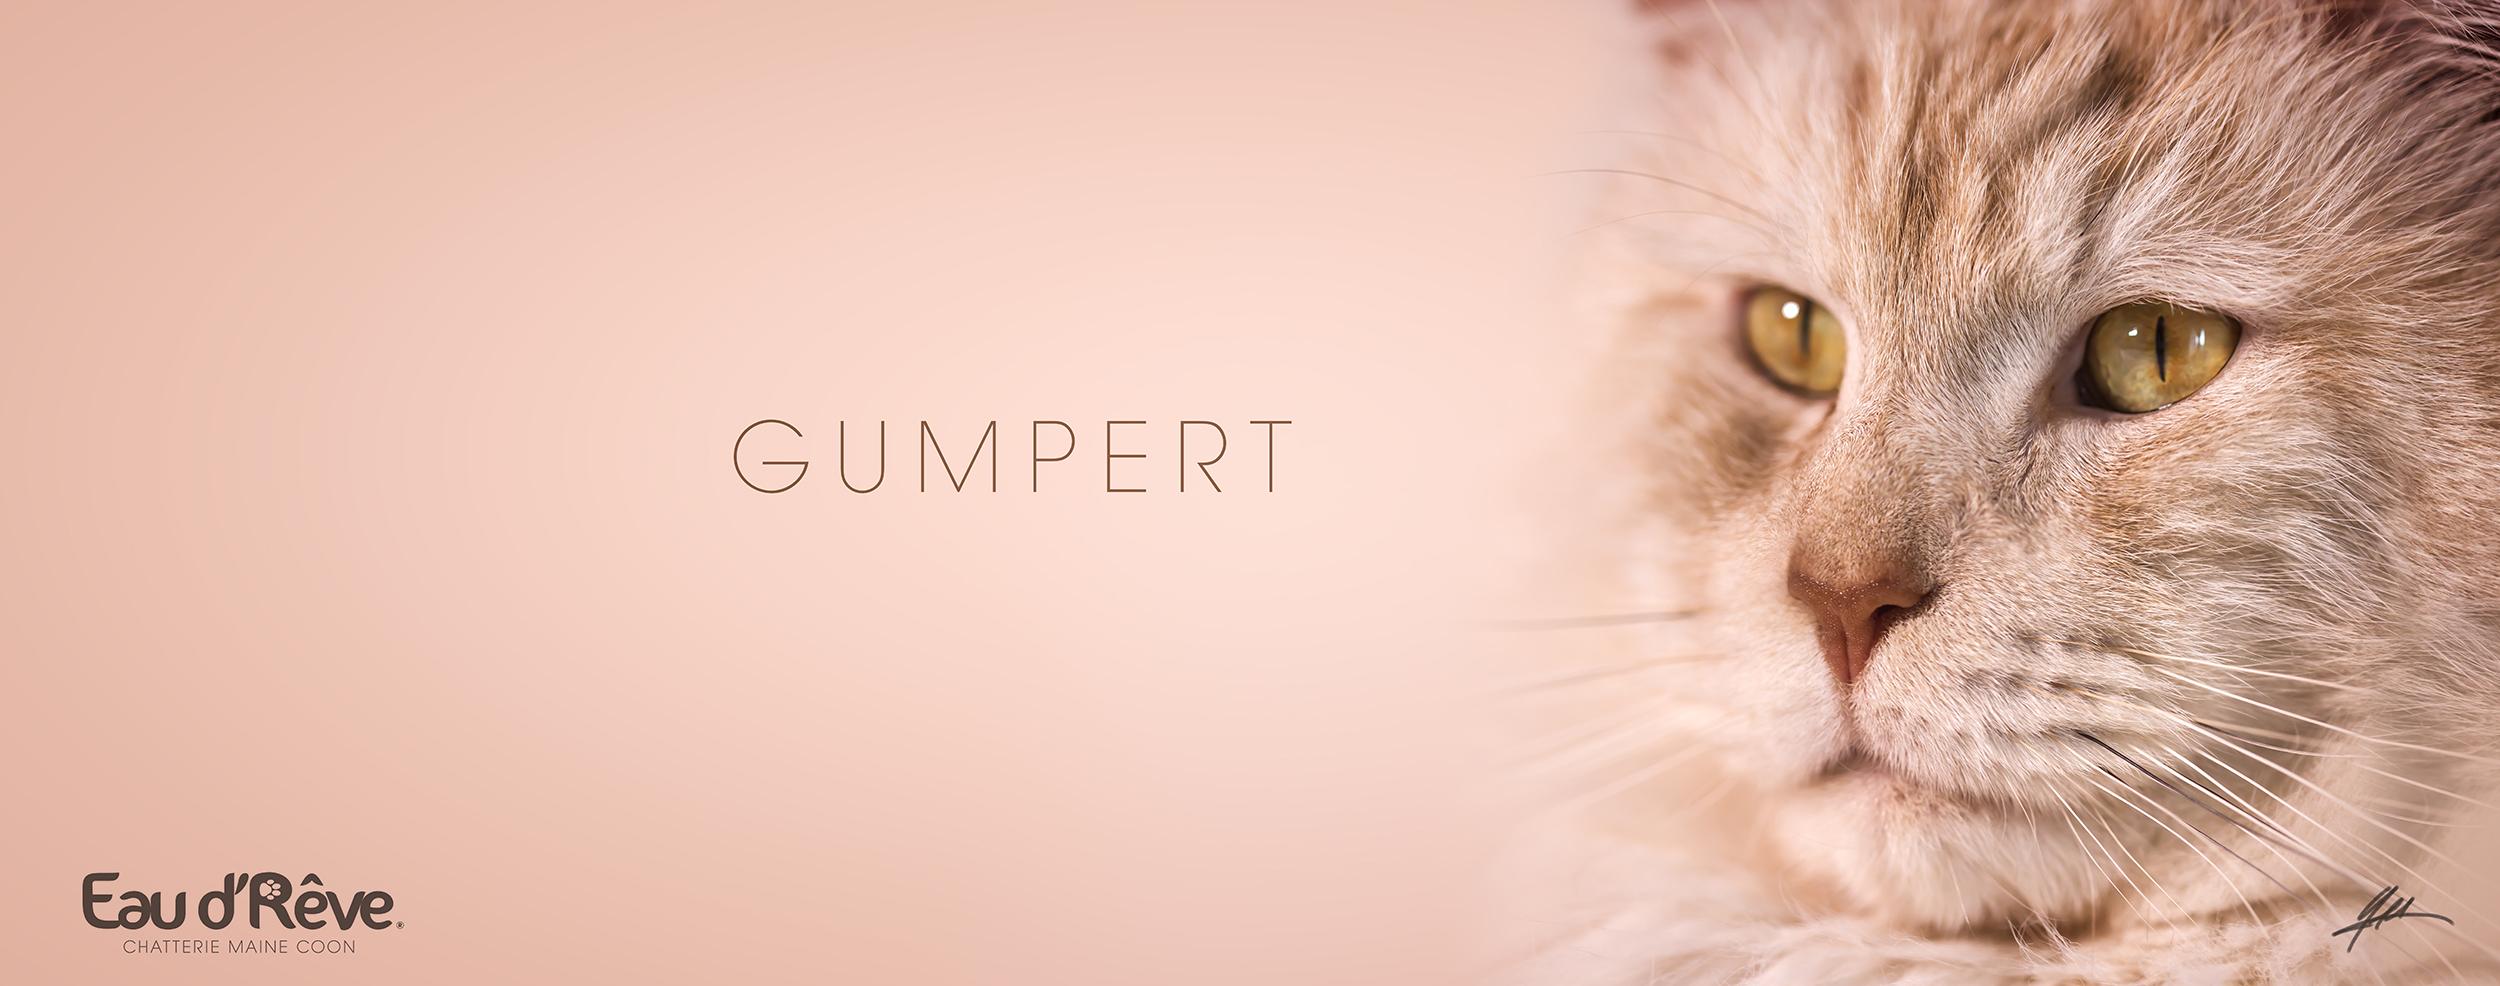 GUMPERT-01-ls